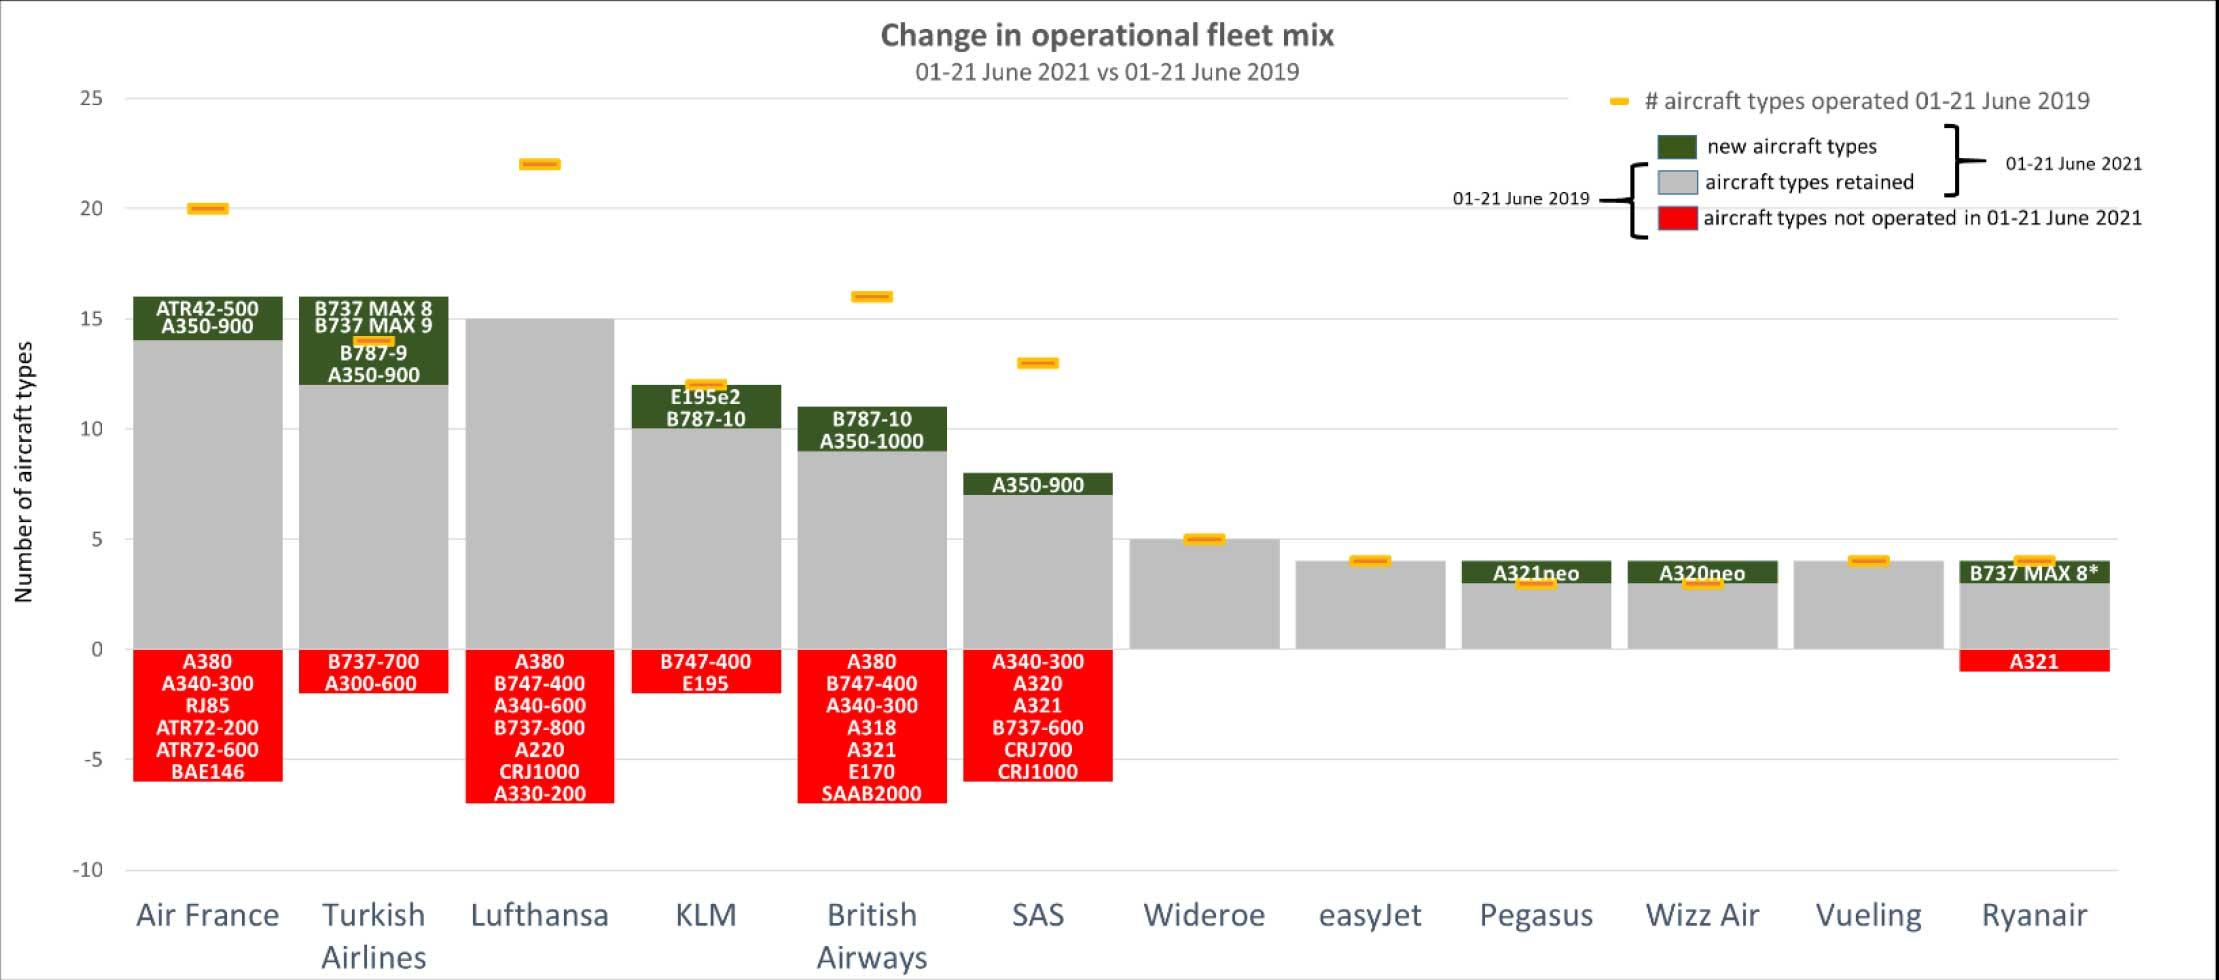 Eurocontrol fleet mix